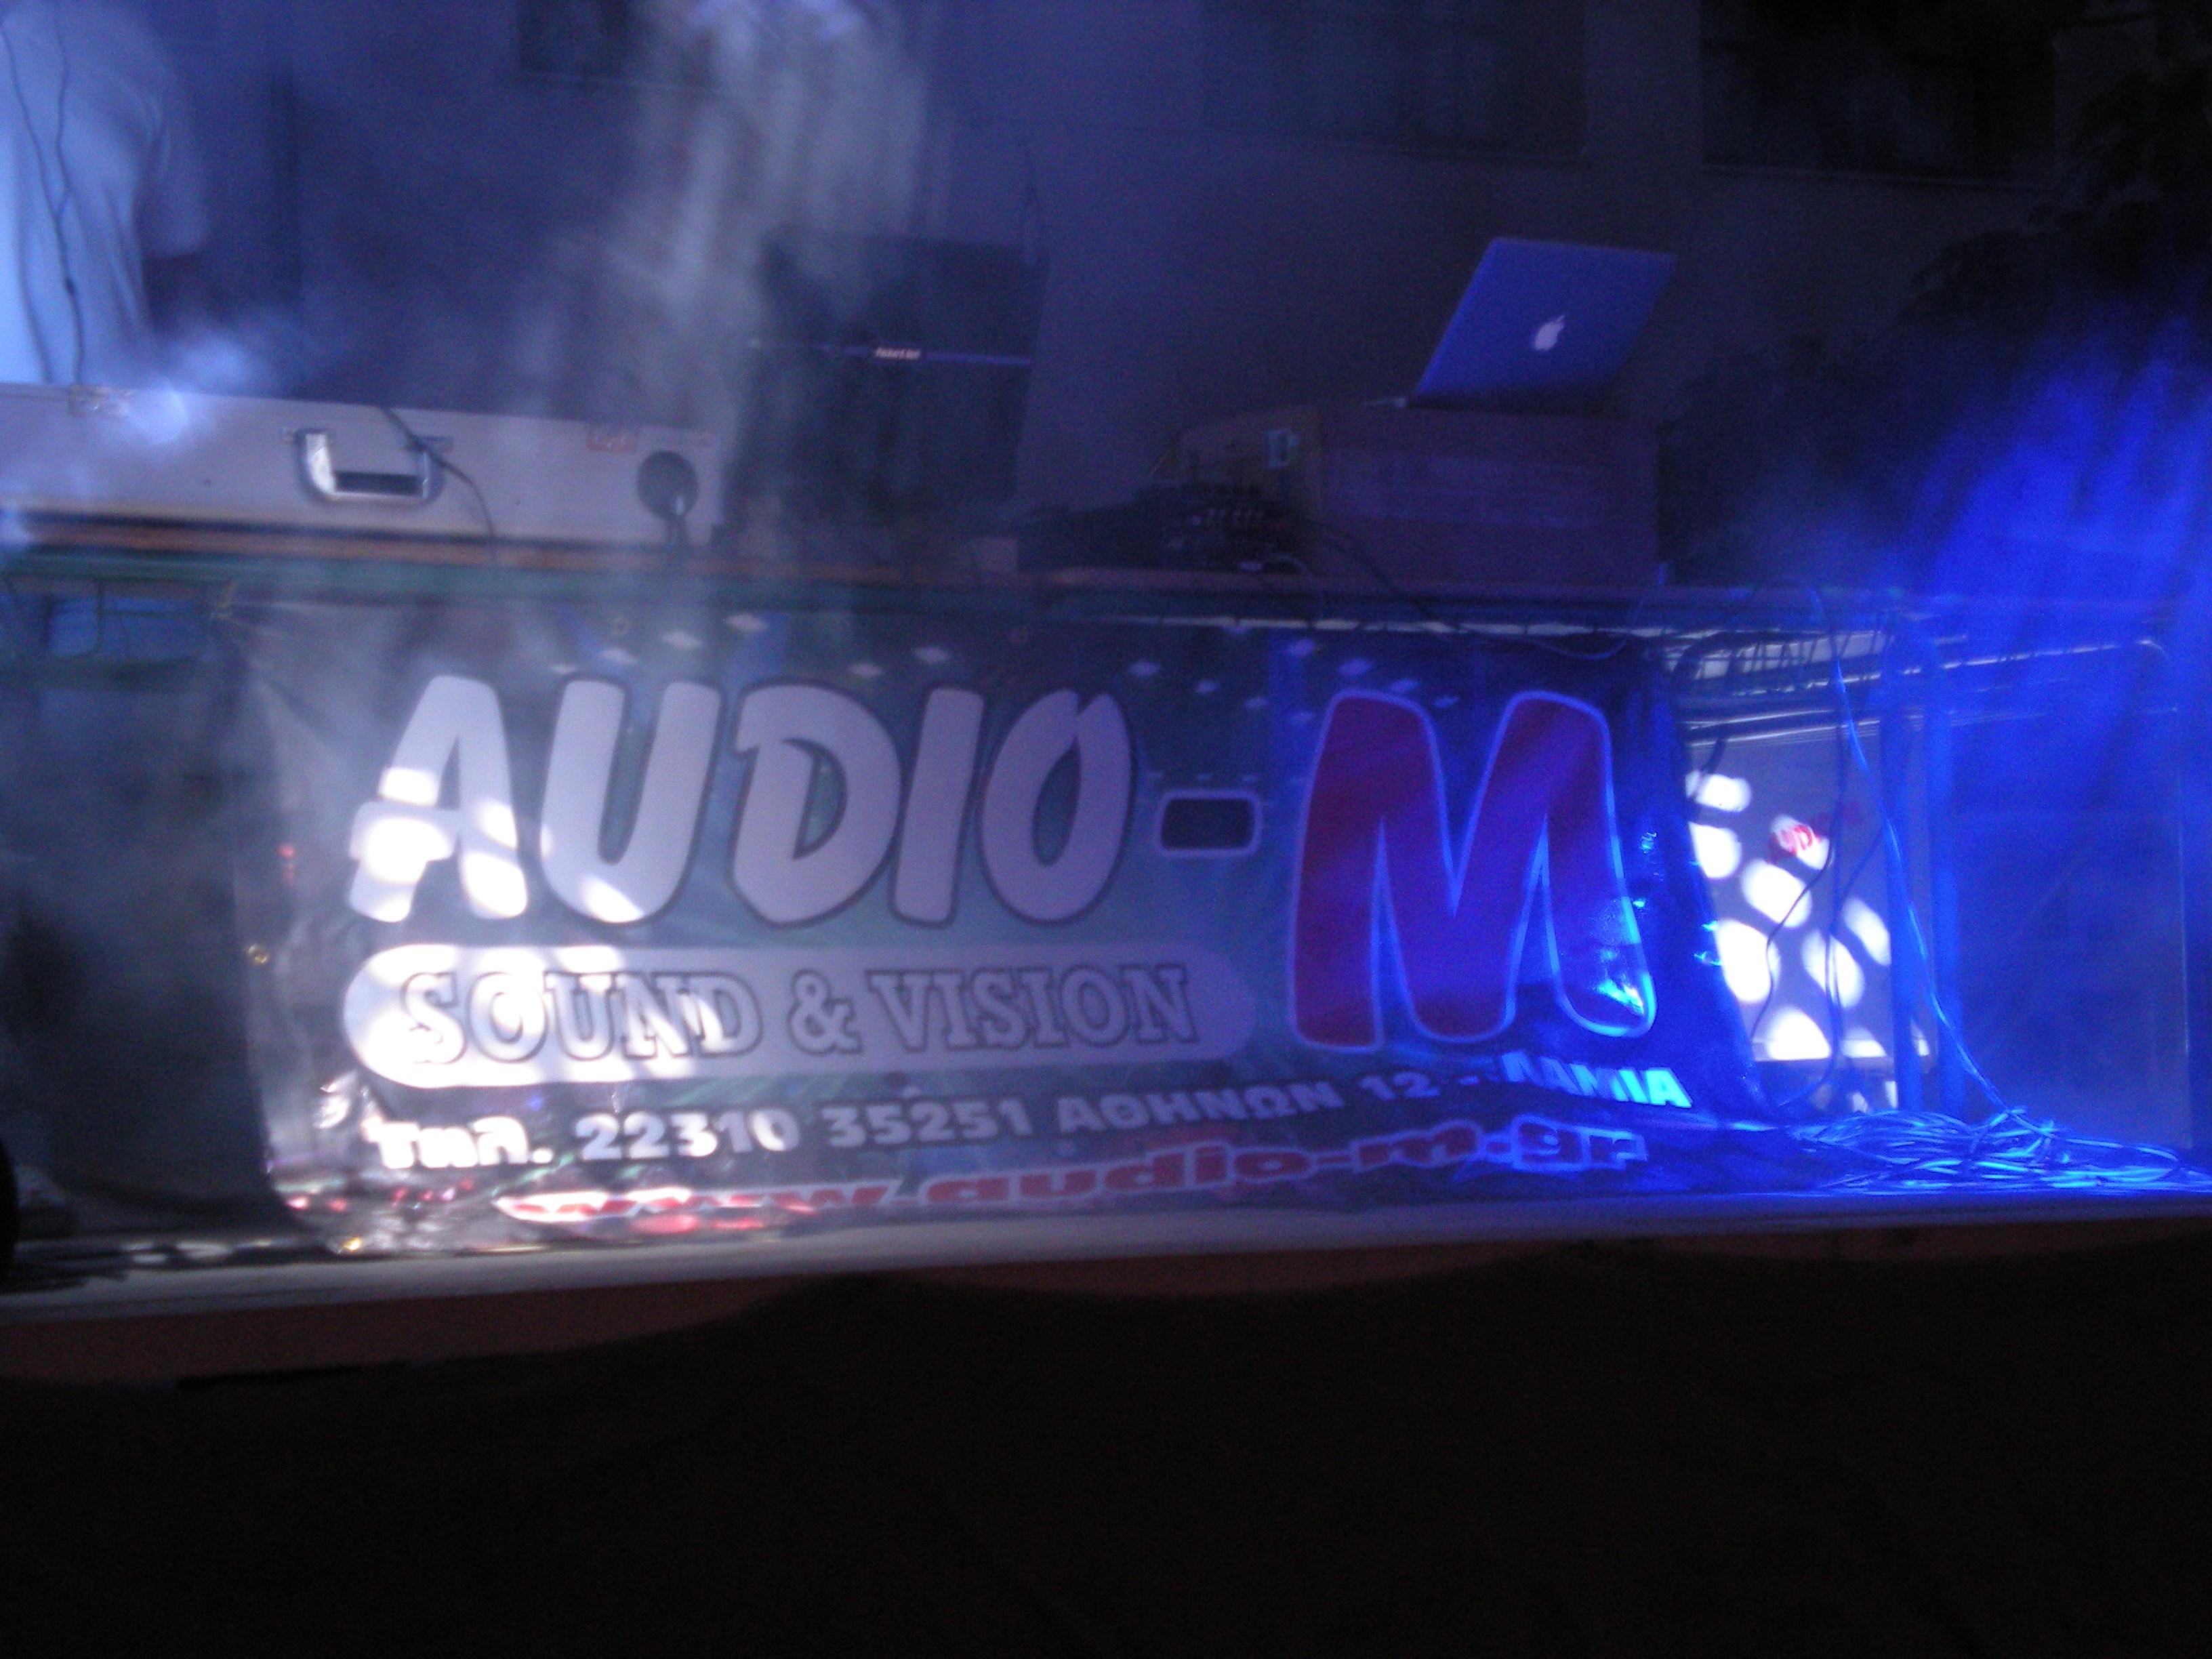 voices lamia audio-m